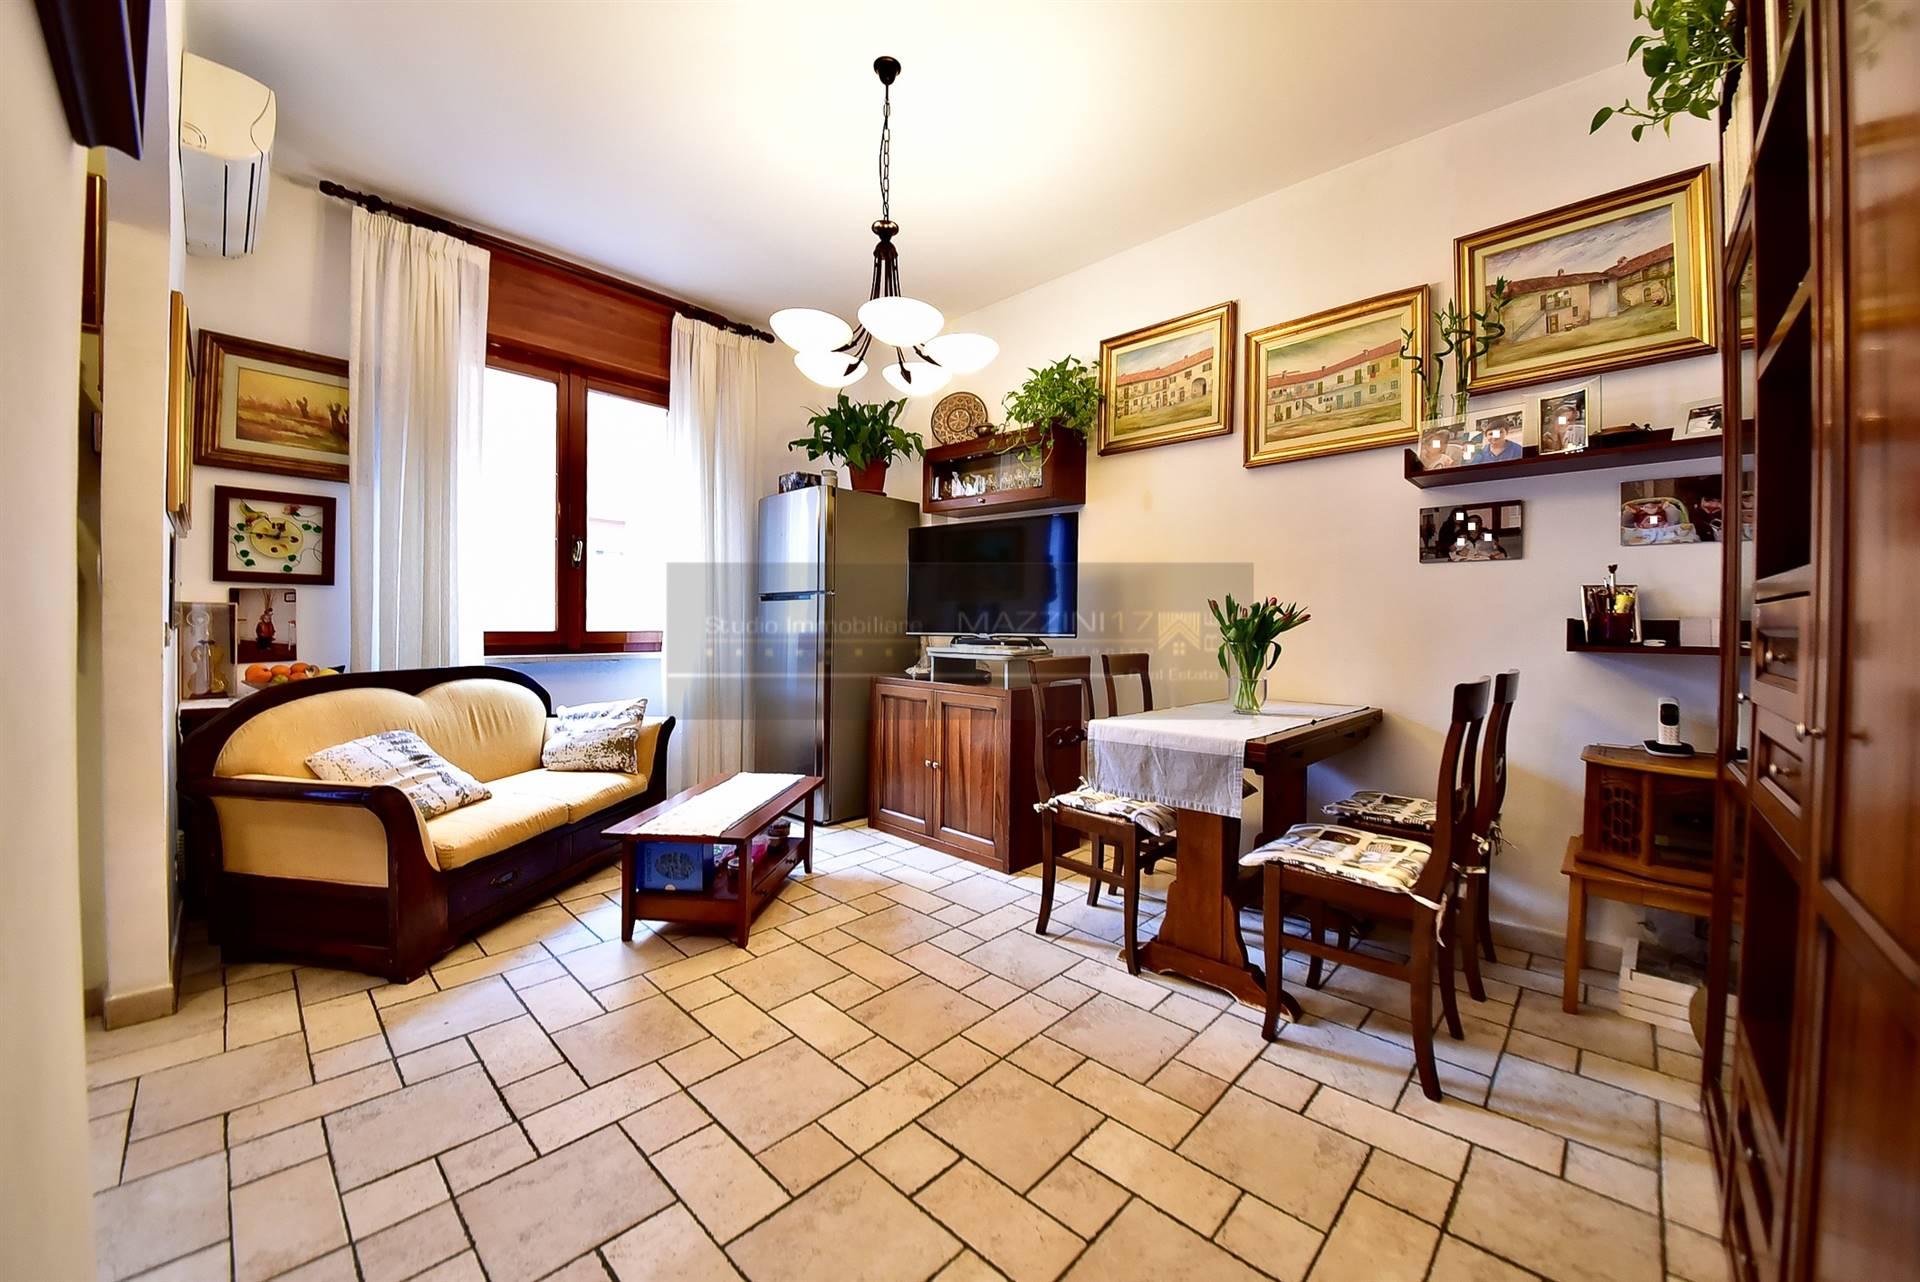 Appartamento in vendita a Bresso, 2 locali, prezzo € 130.000   PortaleAgenzieImmobiliari.it